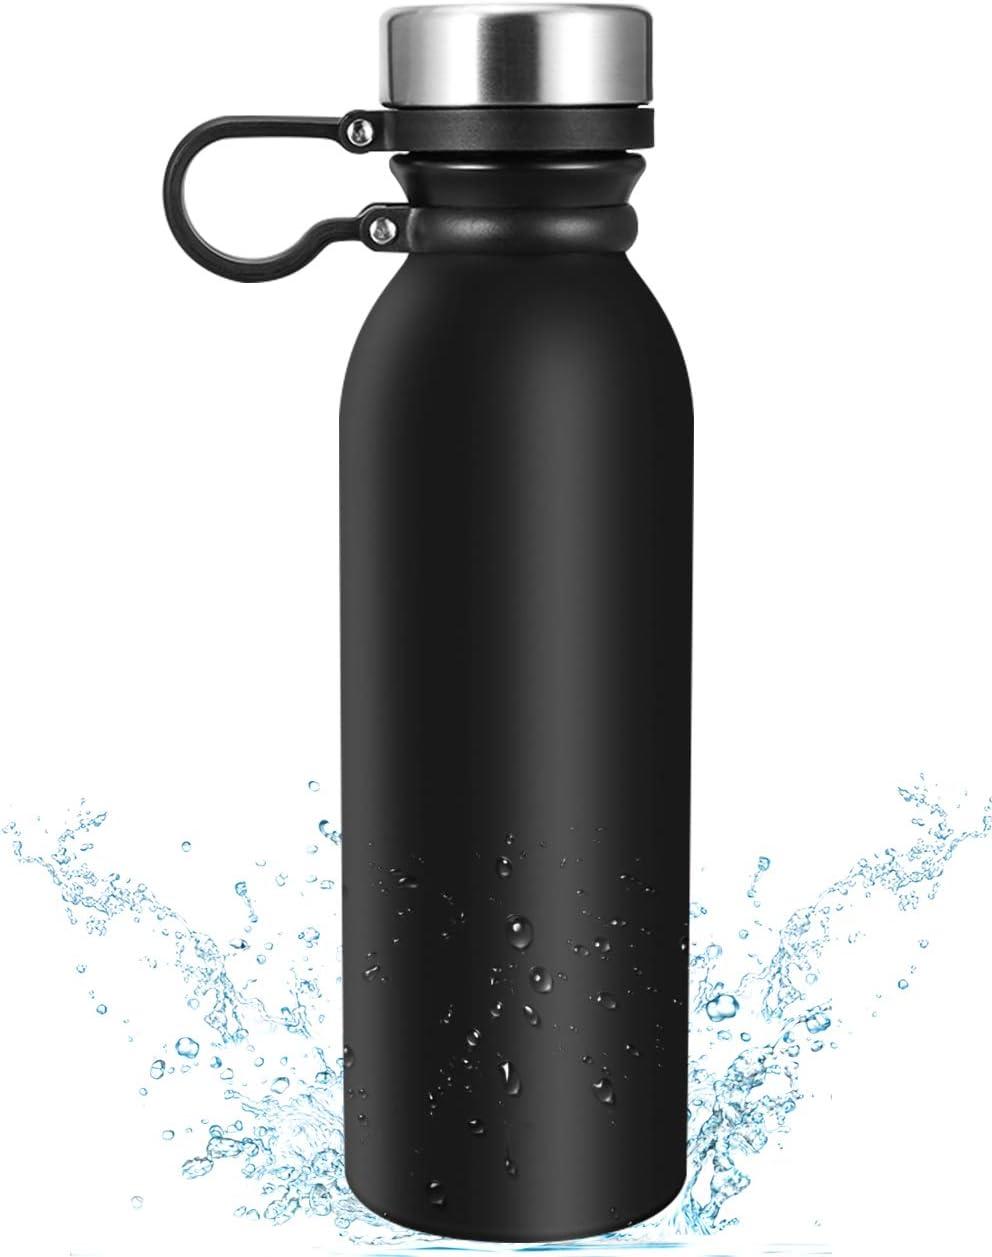 eccomum Botella Termica 600ML Botella de Agua de Acero Inoxidable 304 Doble Pared Aislada al Vacío, Ligera, Resistencia al Rayado, Fácil de Limpiar, 100% Libre de BPA Antifugas, Frío/Caliente